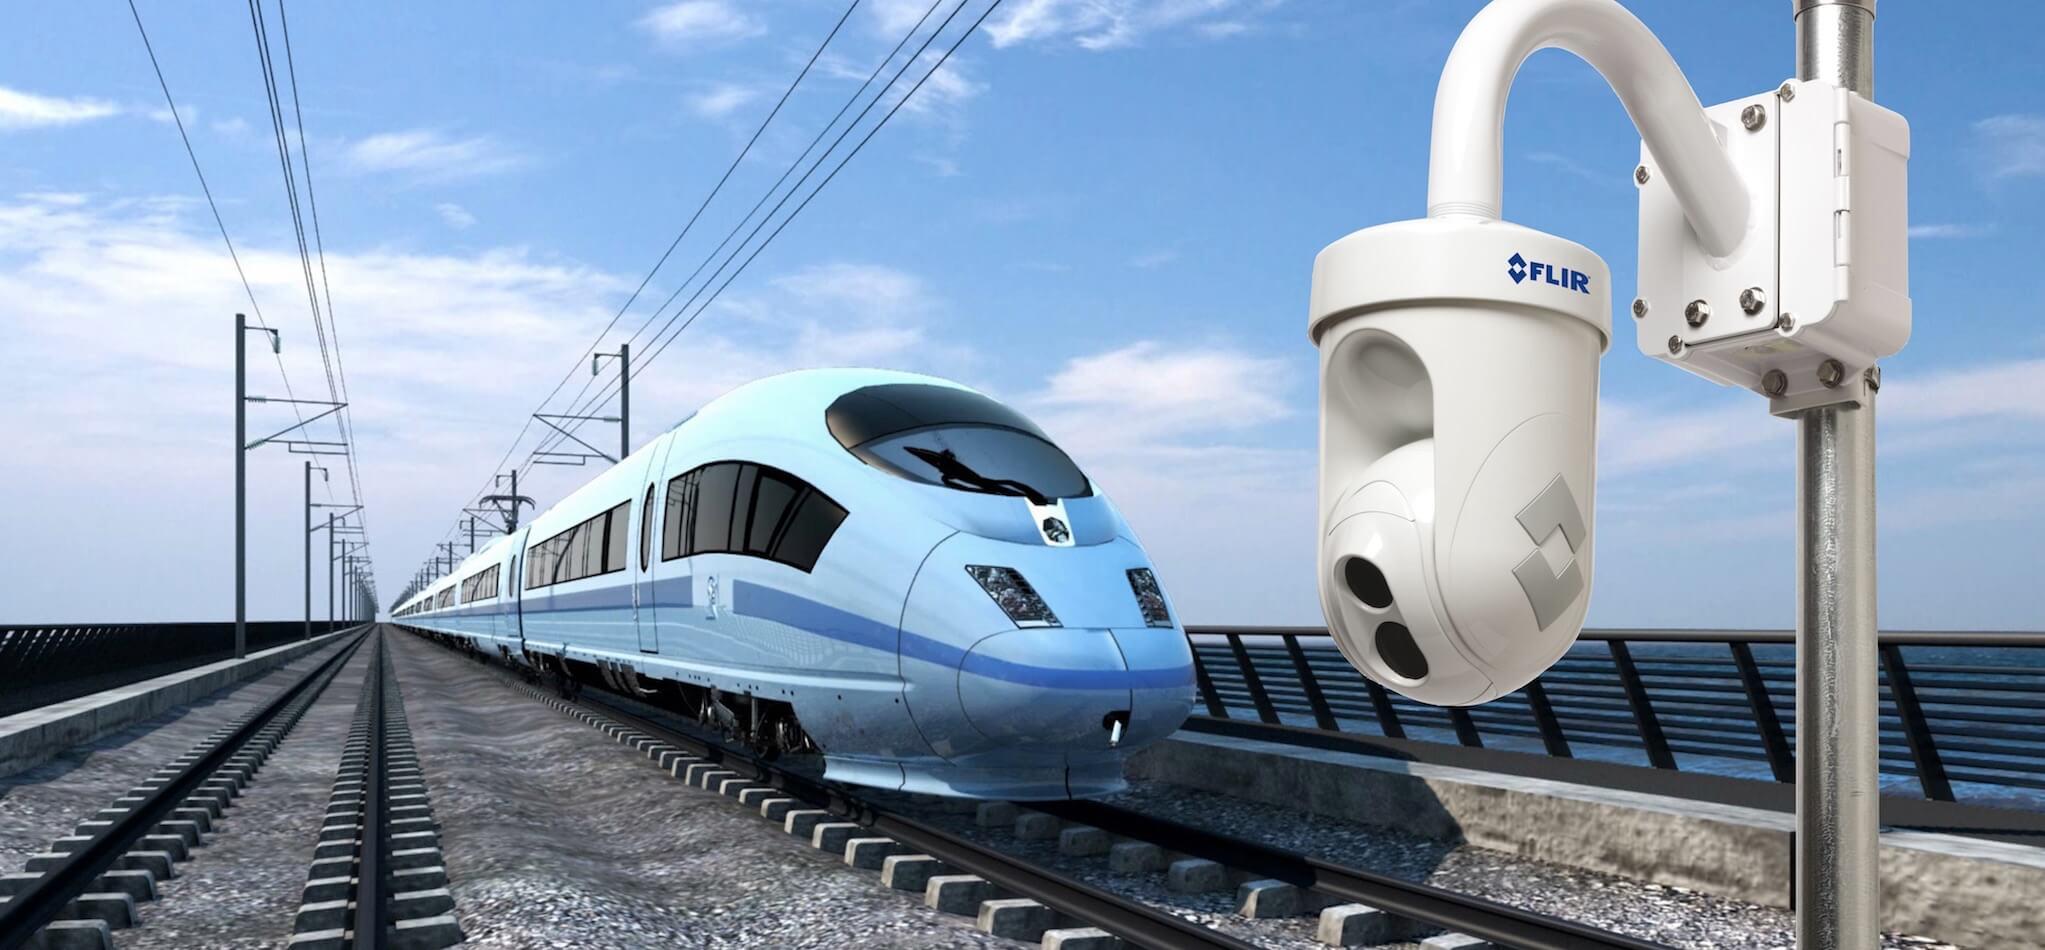 Тепловізійні системи як складова Безпечної залізниці